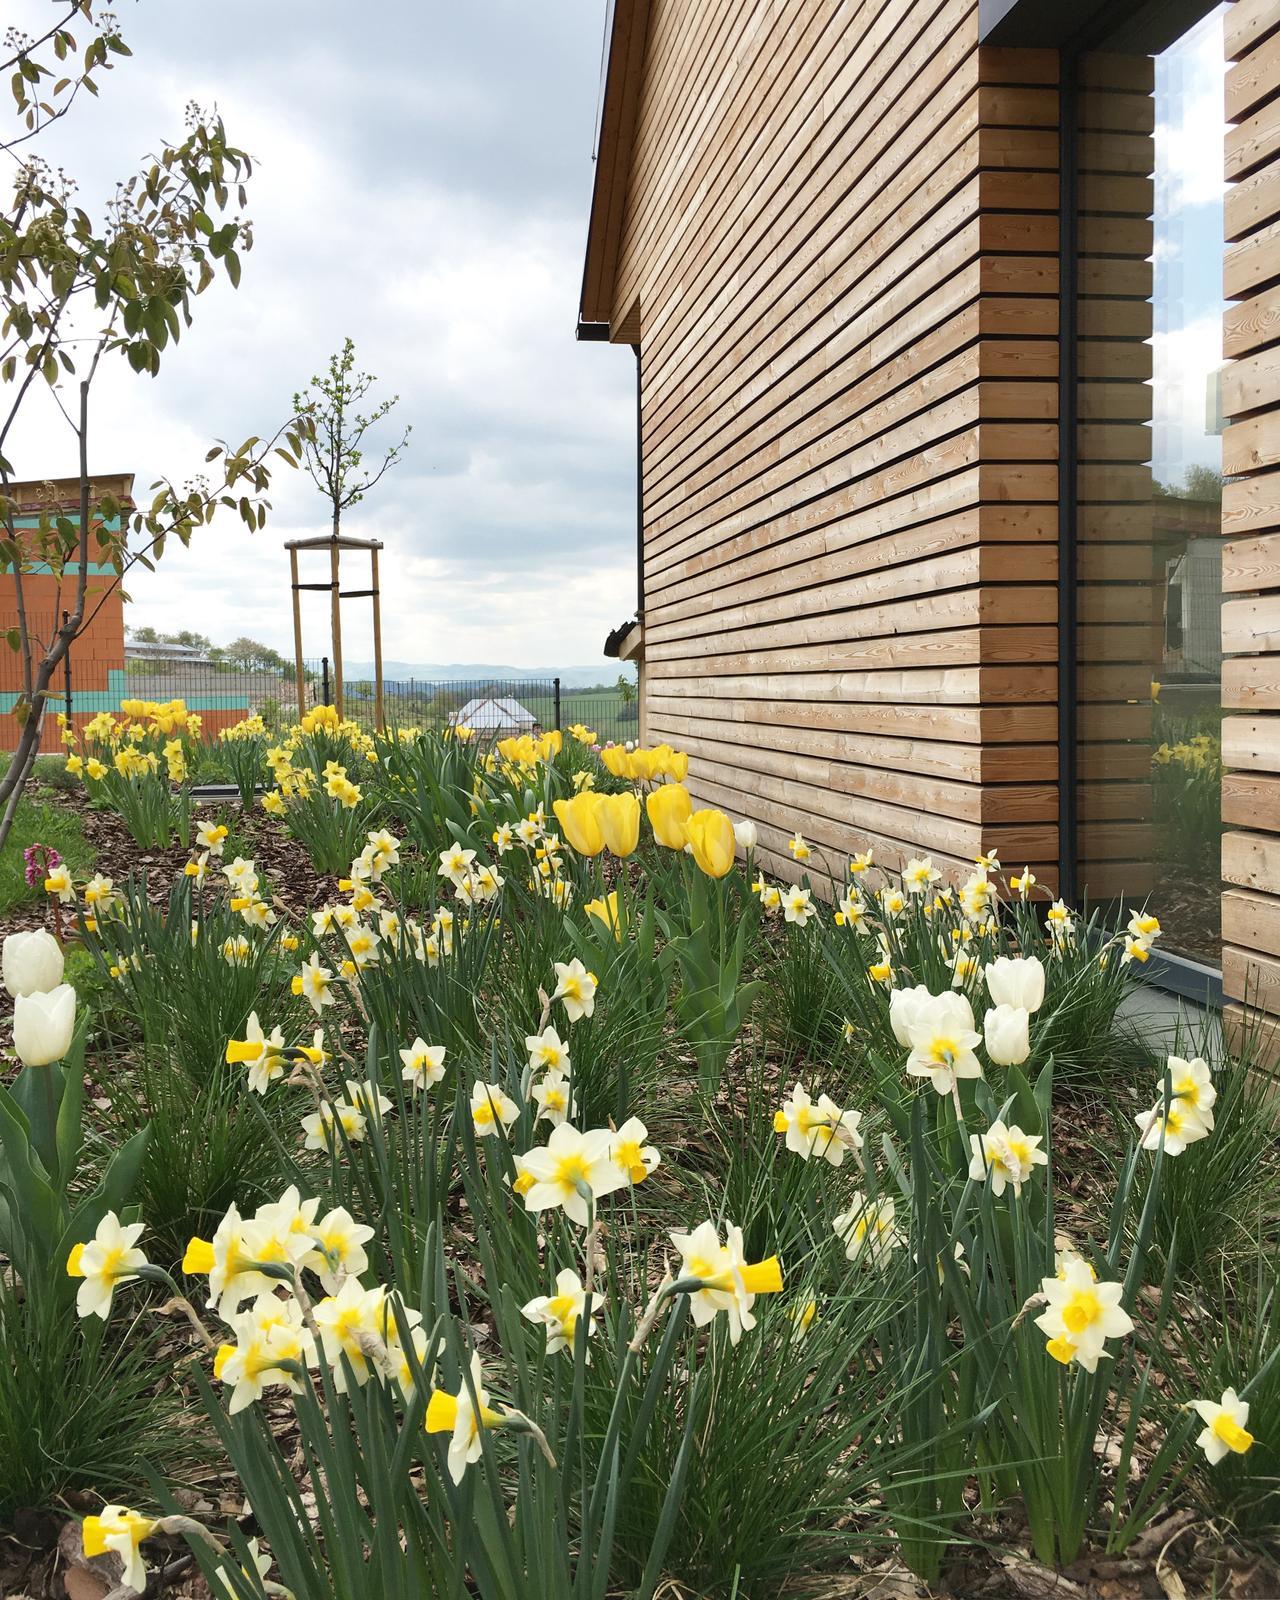 Záhrada v starom sade - Cez okno z chodby pozeráme na biele narcisy, tulipány, muchovník...